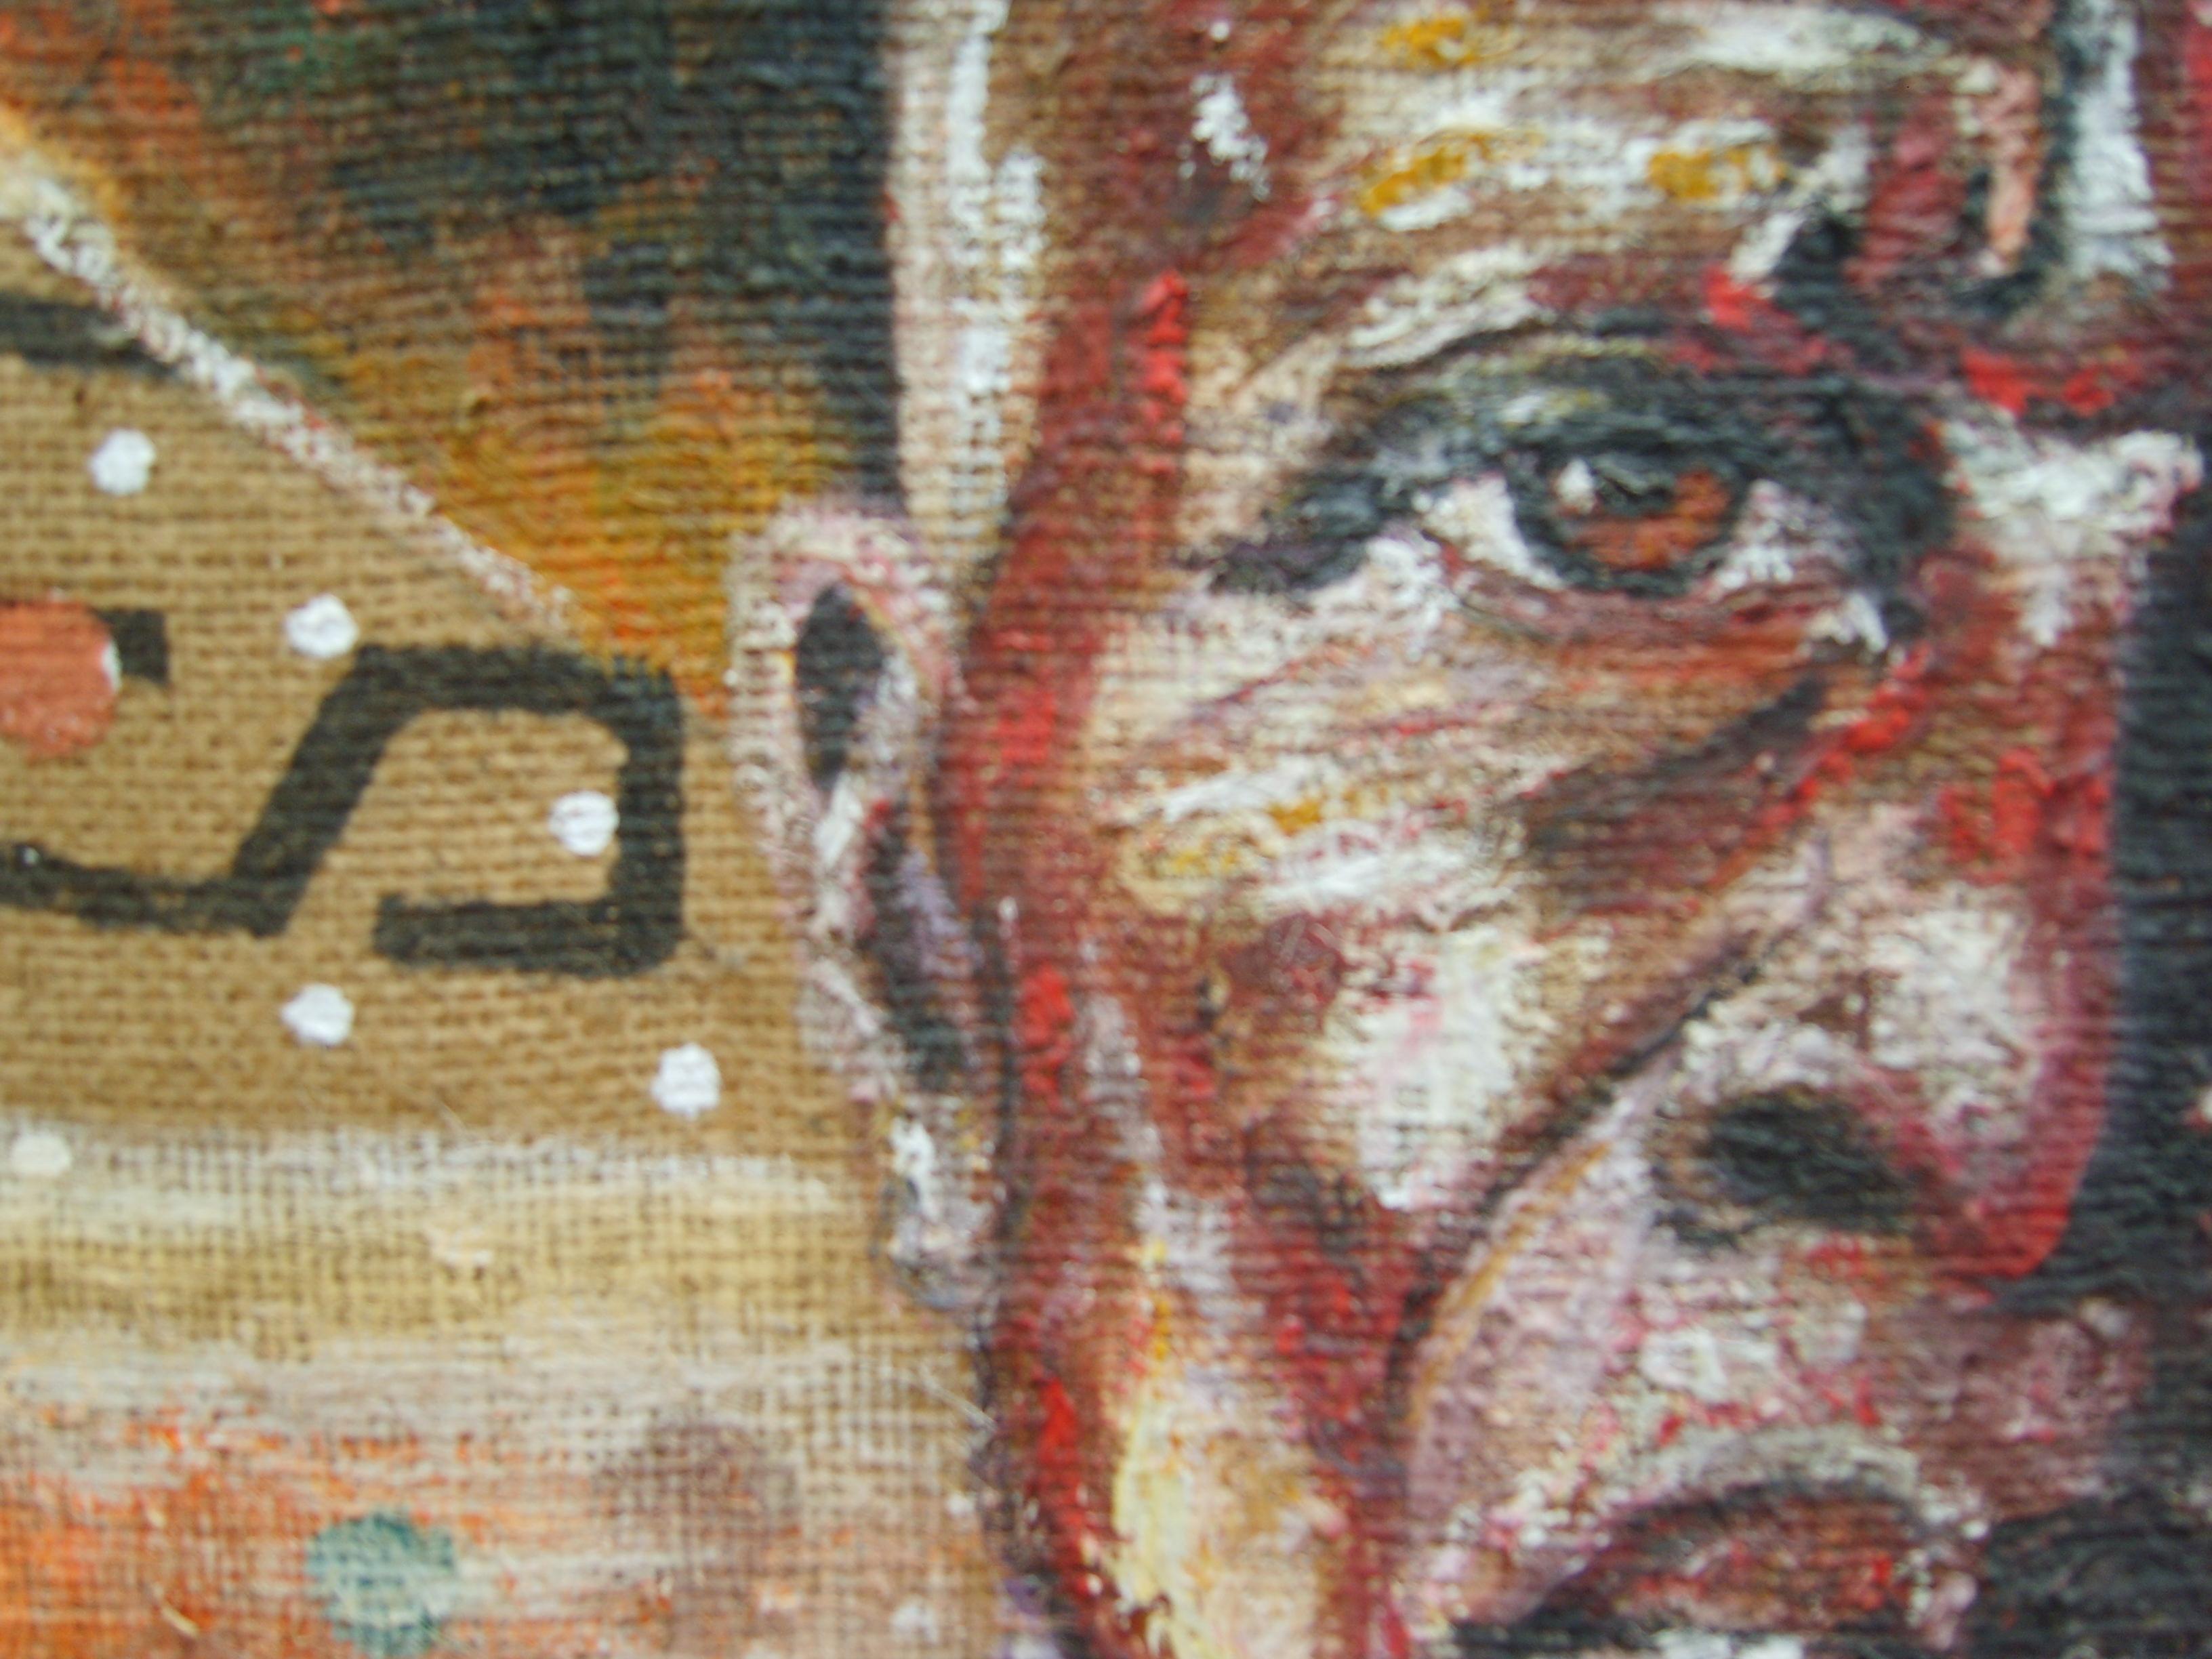 peintures 009.JPG